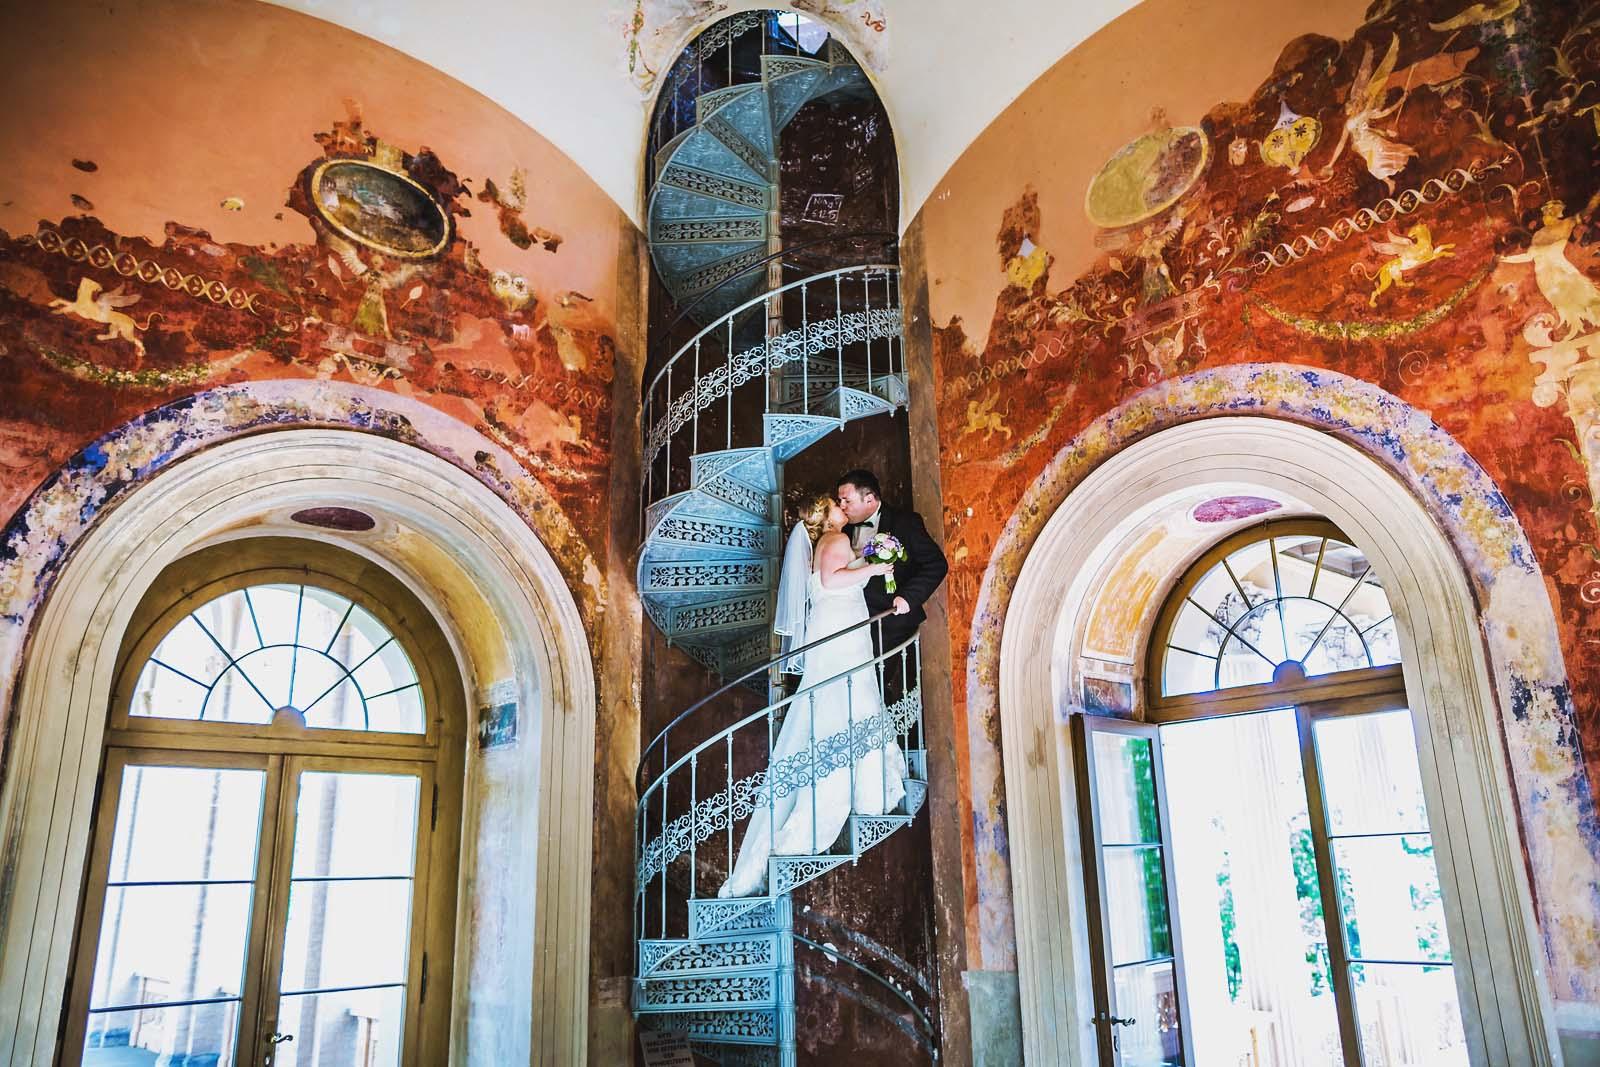 Hochzeitsfotograf Potsdam Belvedere Pfingsberg Copyright by Hochzeitsfotograf www.berliner-hochzeitsfotografie.de